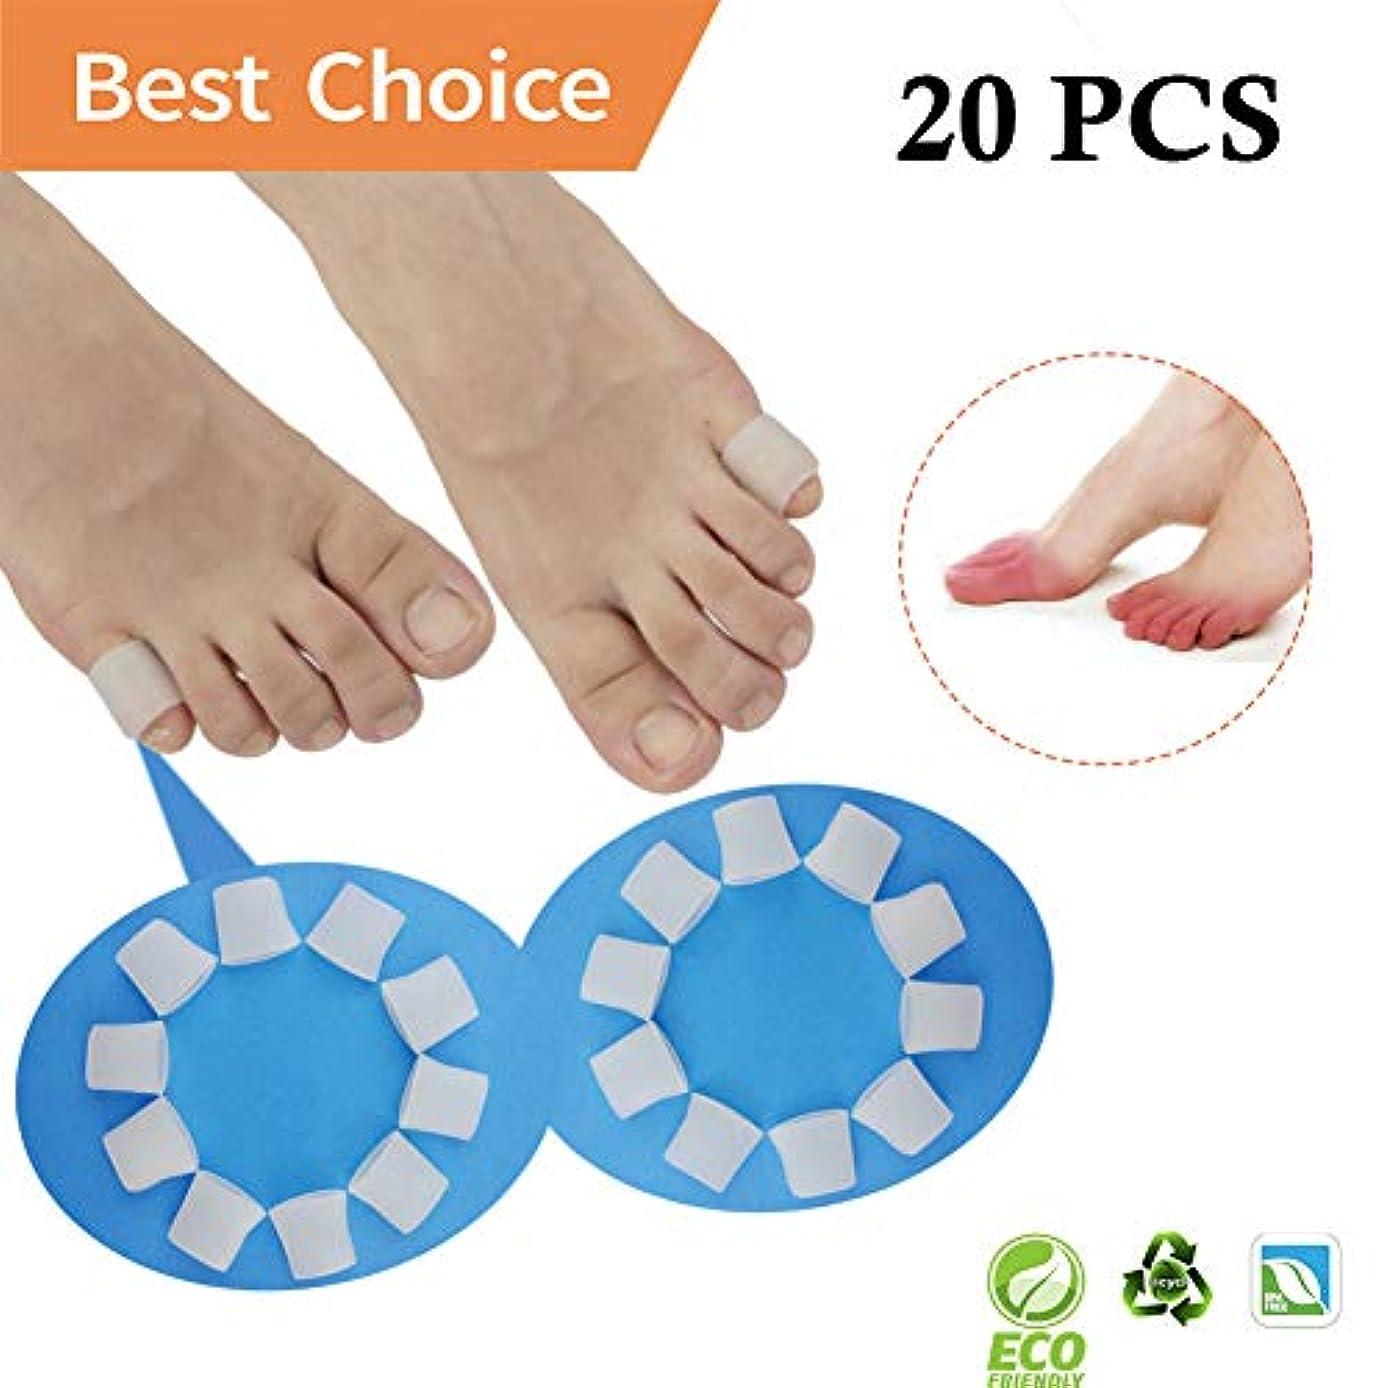 予防接種する褐色最少ジェル 足指 足の親指 キャップ プロテクター スリーブ 新素材 水疱 ハンマートゥ 陥入爪 爪損傷 摩擦疼痛などの緩和 (足の親指用)(10個入り)